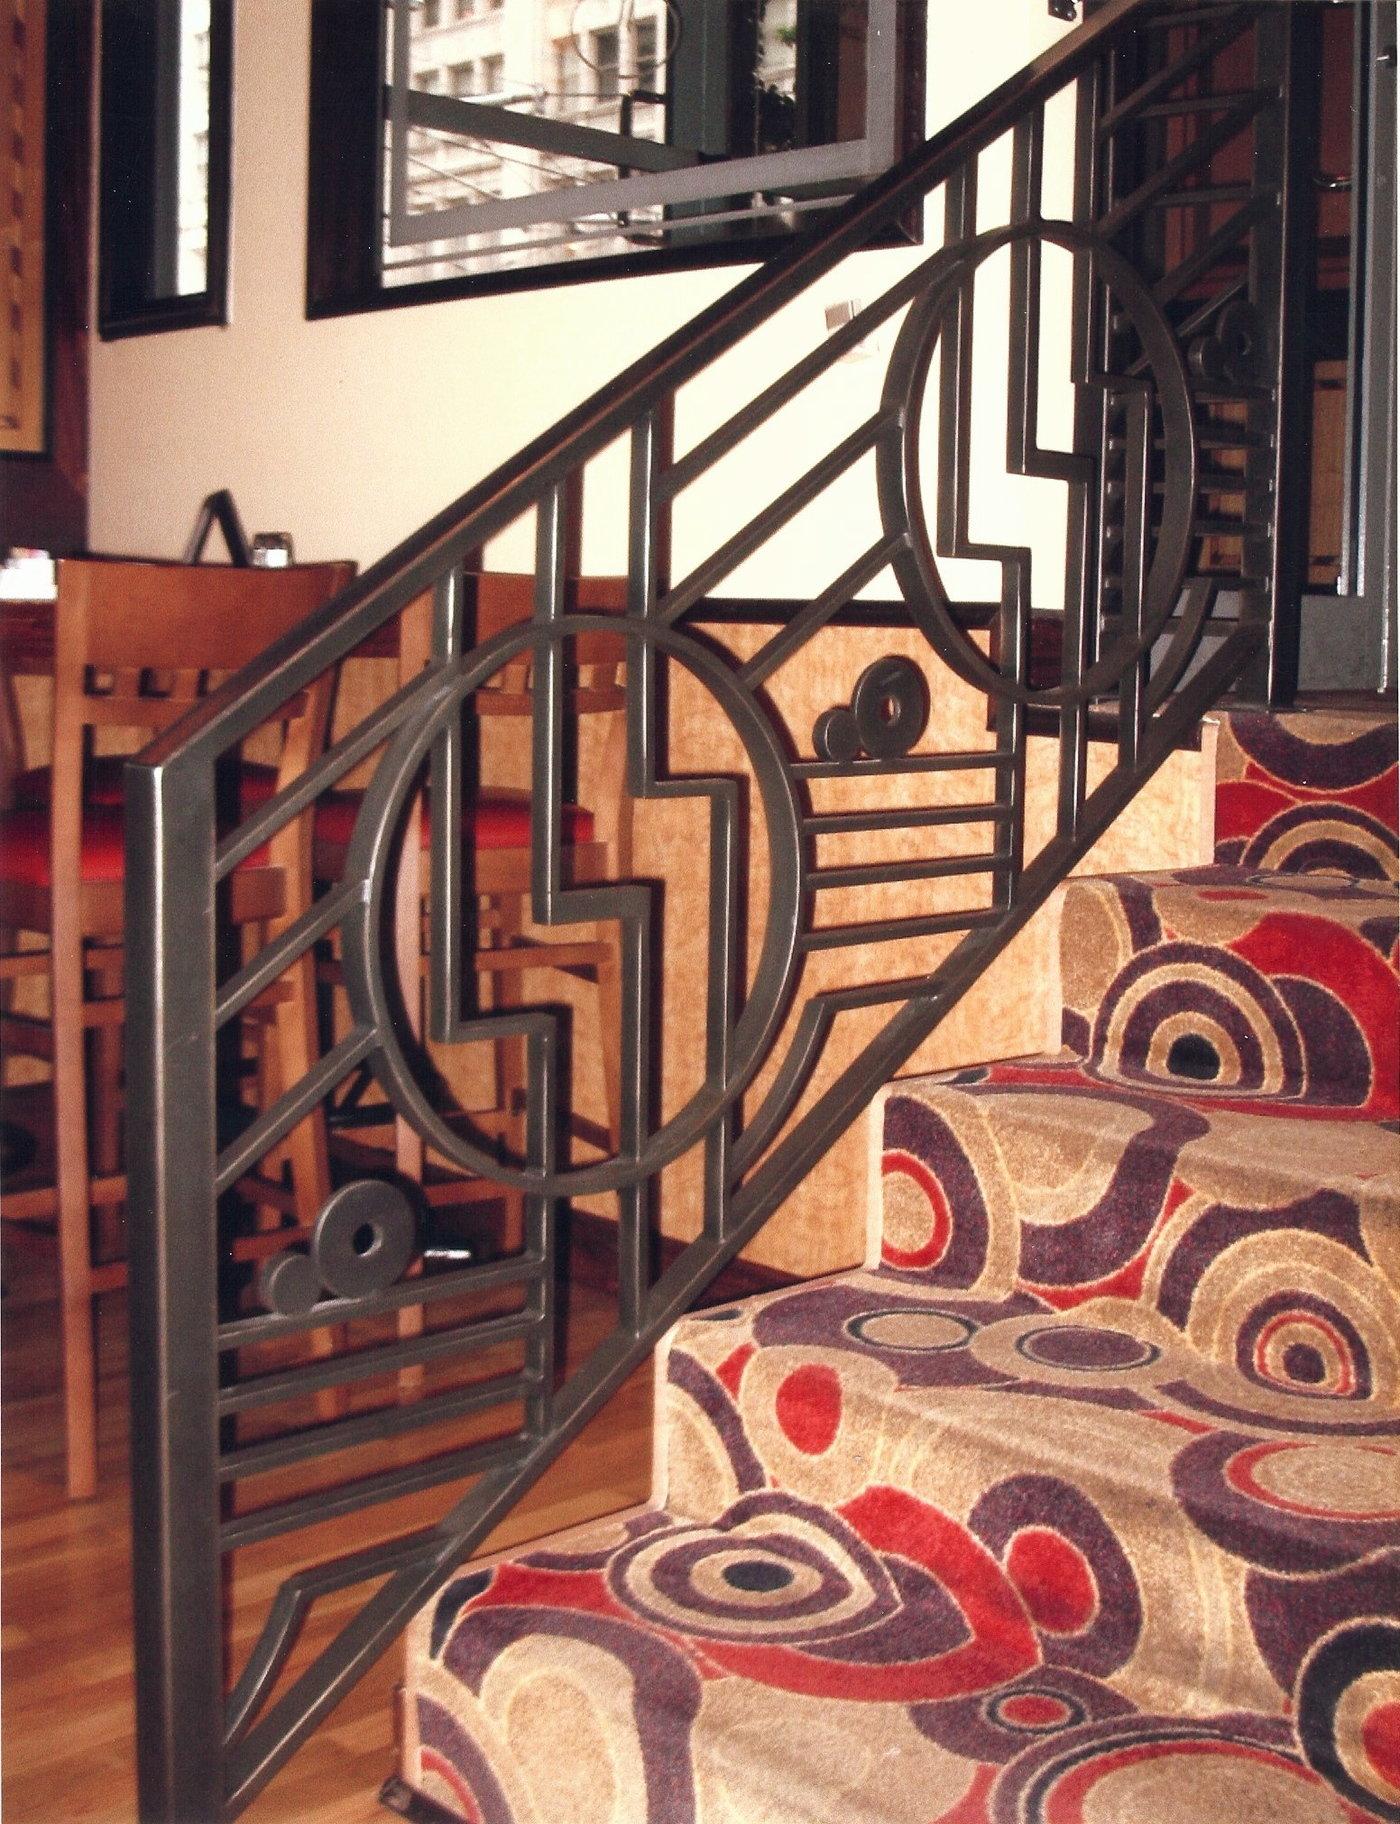 Union Square Grill Railing - Art Deco railing design for the Union Square  Grill in Seattle Washington. Bronze powder-coat finish.